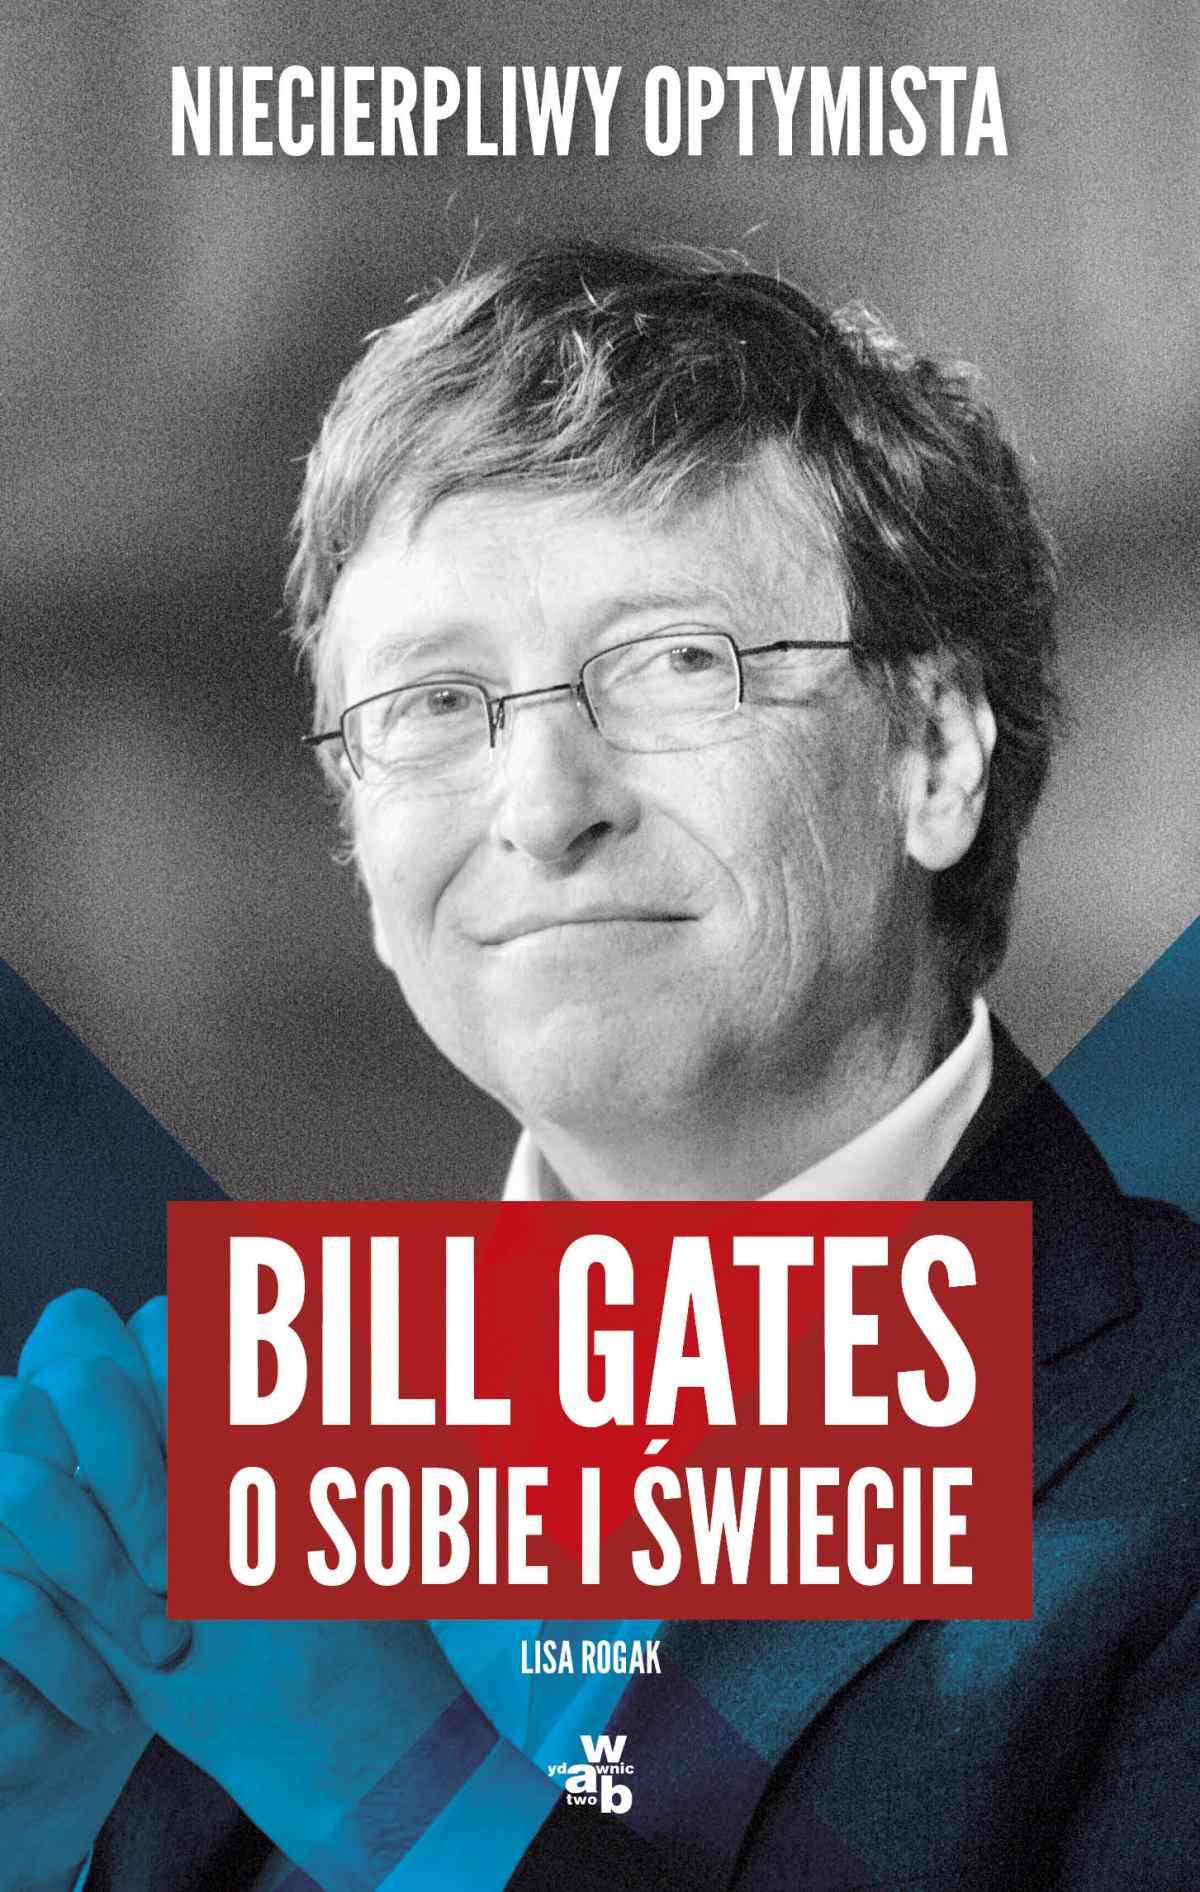 Niecierpliwy optymista. Bill Gates o sobie i świecie - Ebook (Książka EPUB) do pobrania w formacie EPUB